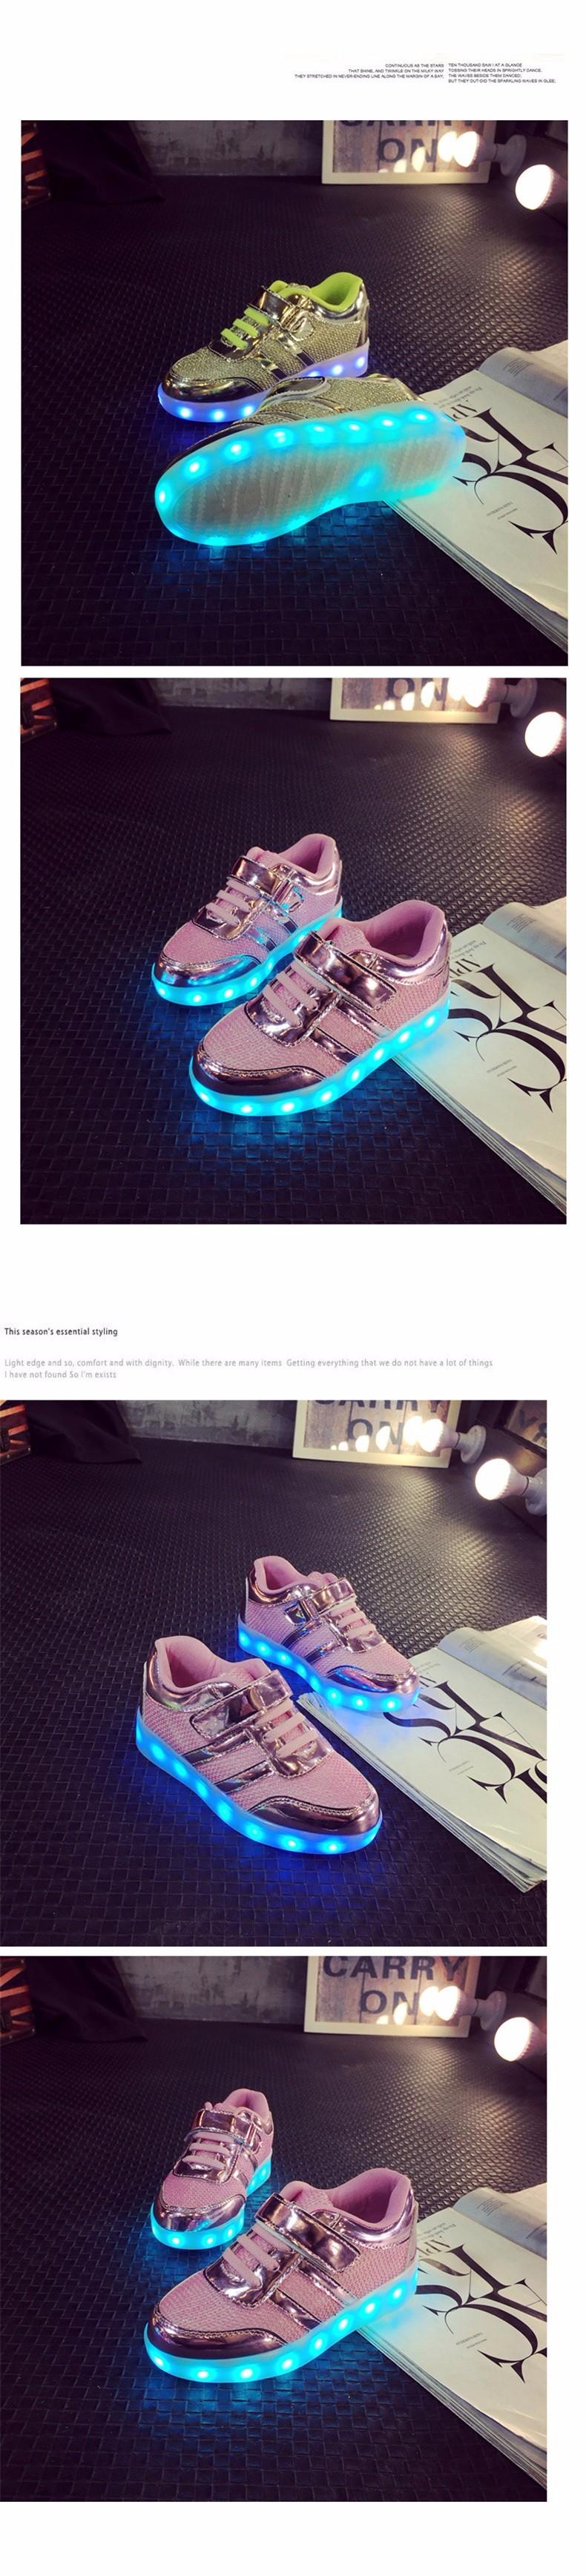 Kid USB Charging LED Light Shoes Soft Net Casual Boy Girl Luminous Sneakers Antiskid Bottom Children Shoes Tenis Led Infantil (4)